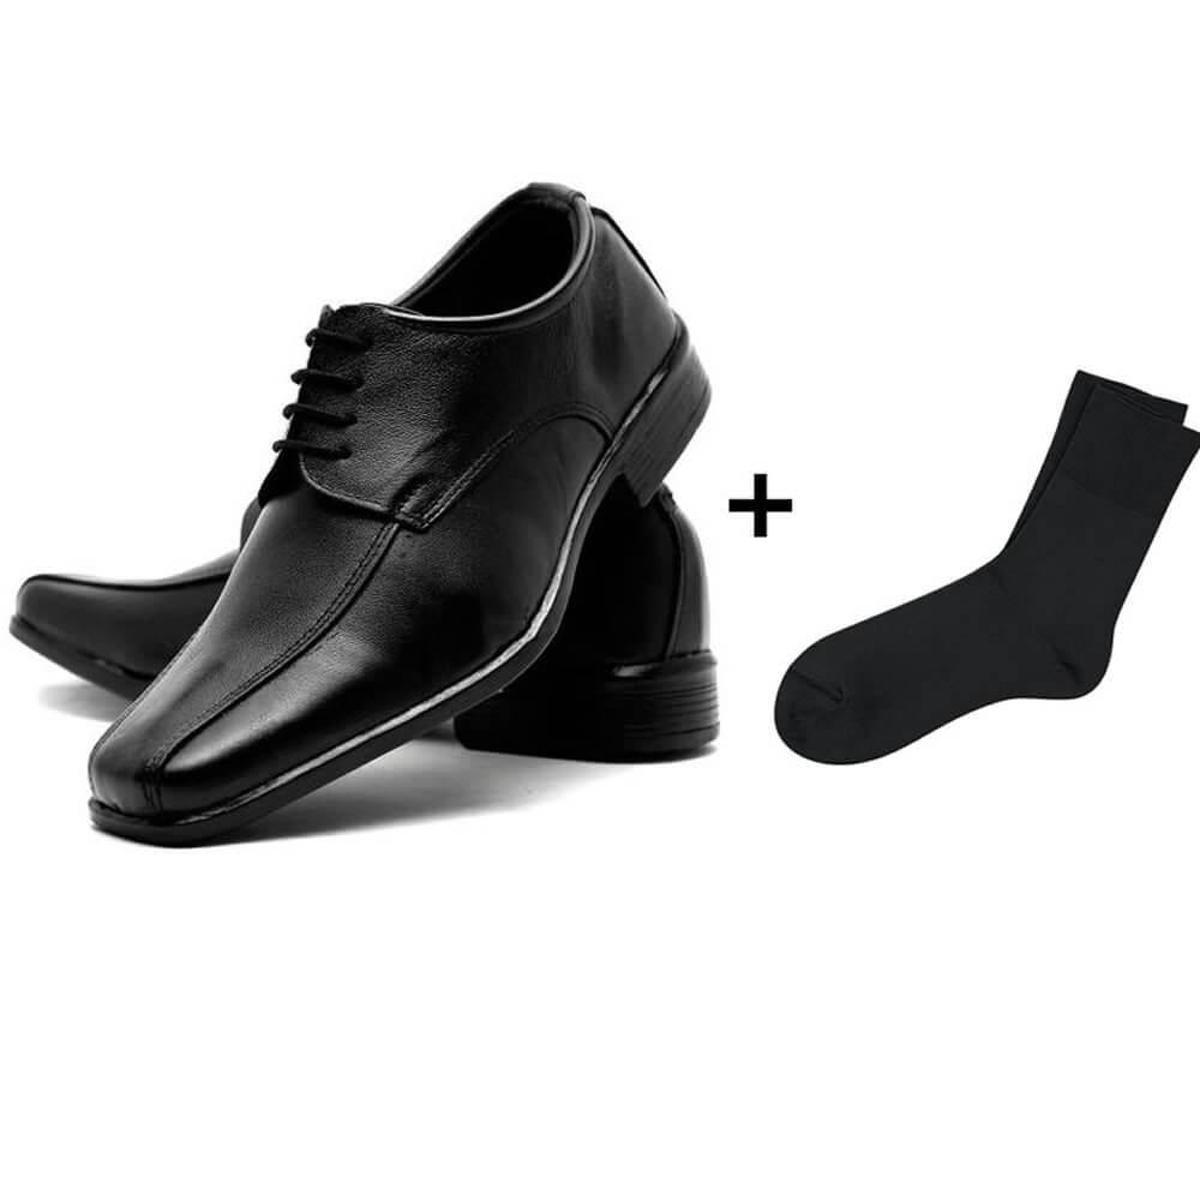 b23dbe12cf Sapato Social Masculino Couro de Amarrar Fox Shoes + Meia - Compre Agora